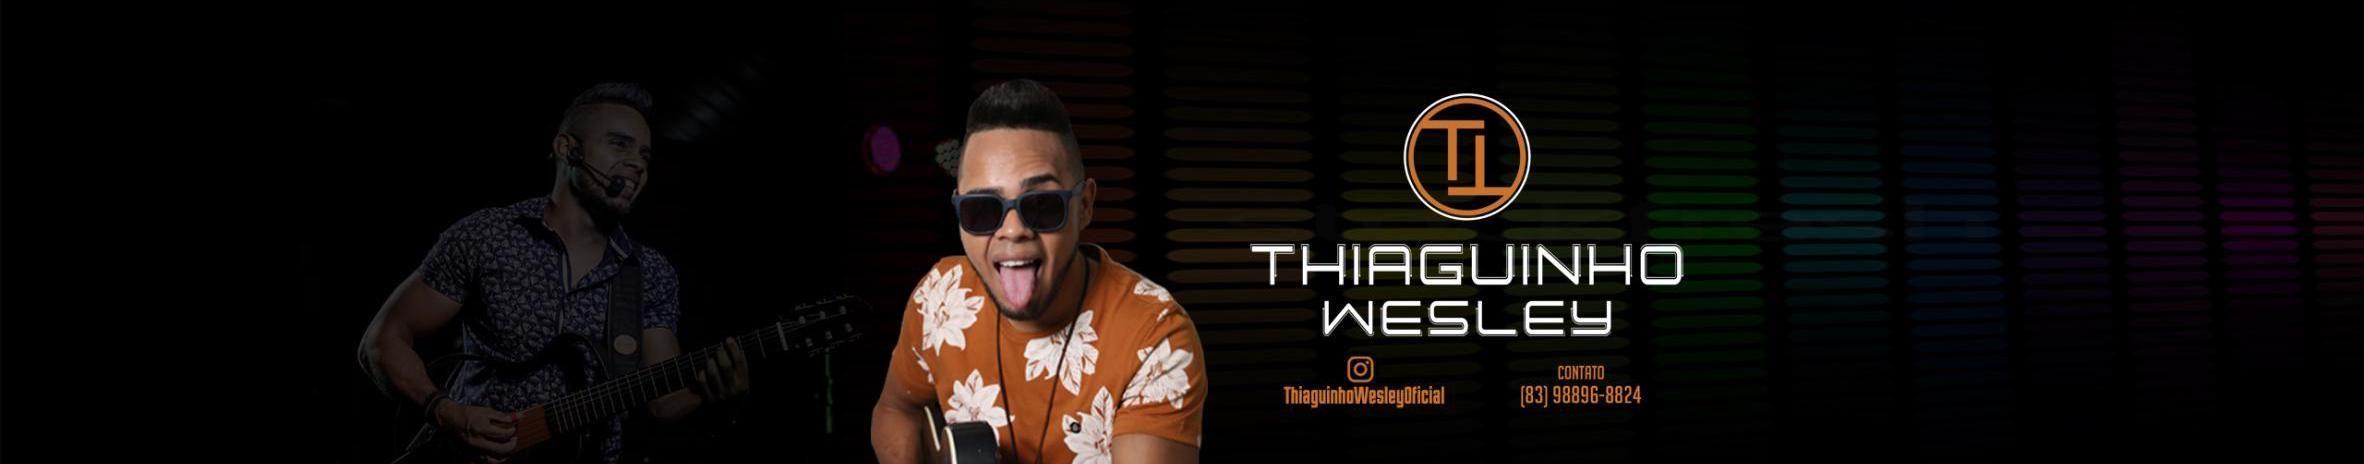 Imagem de capa de Thiaguinho Wesley